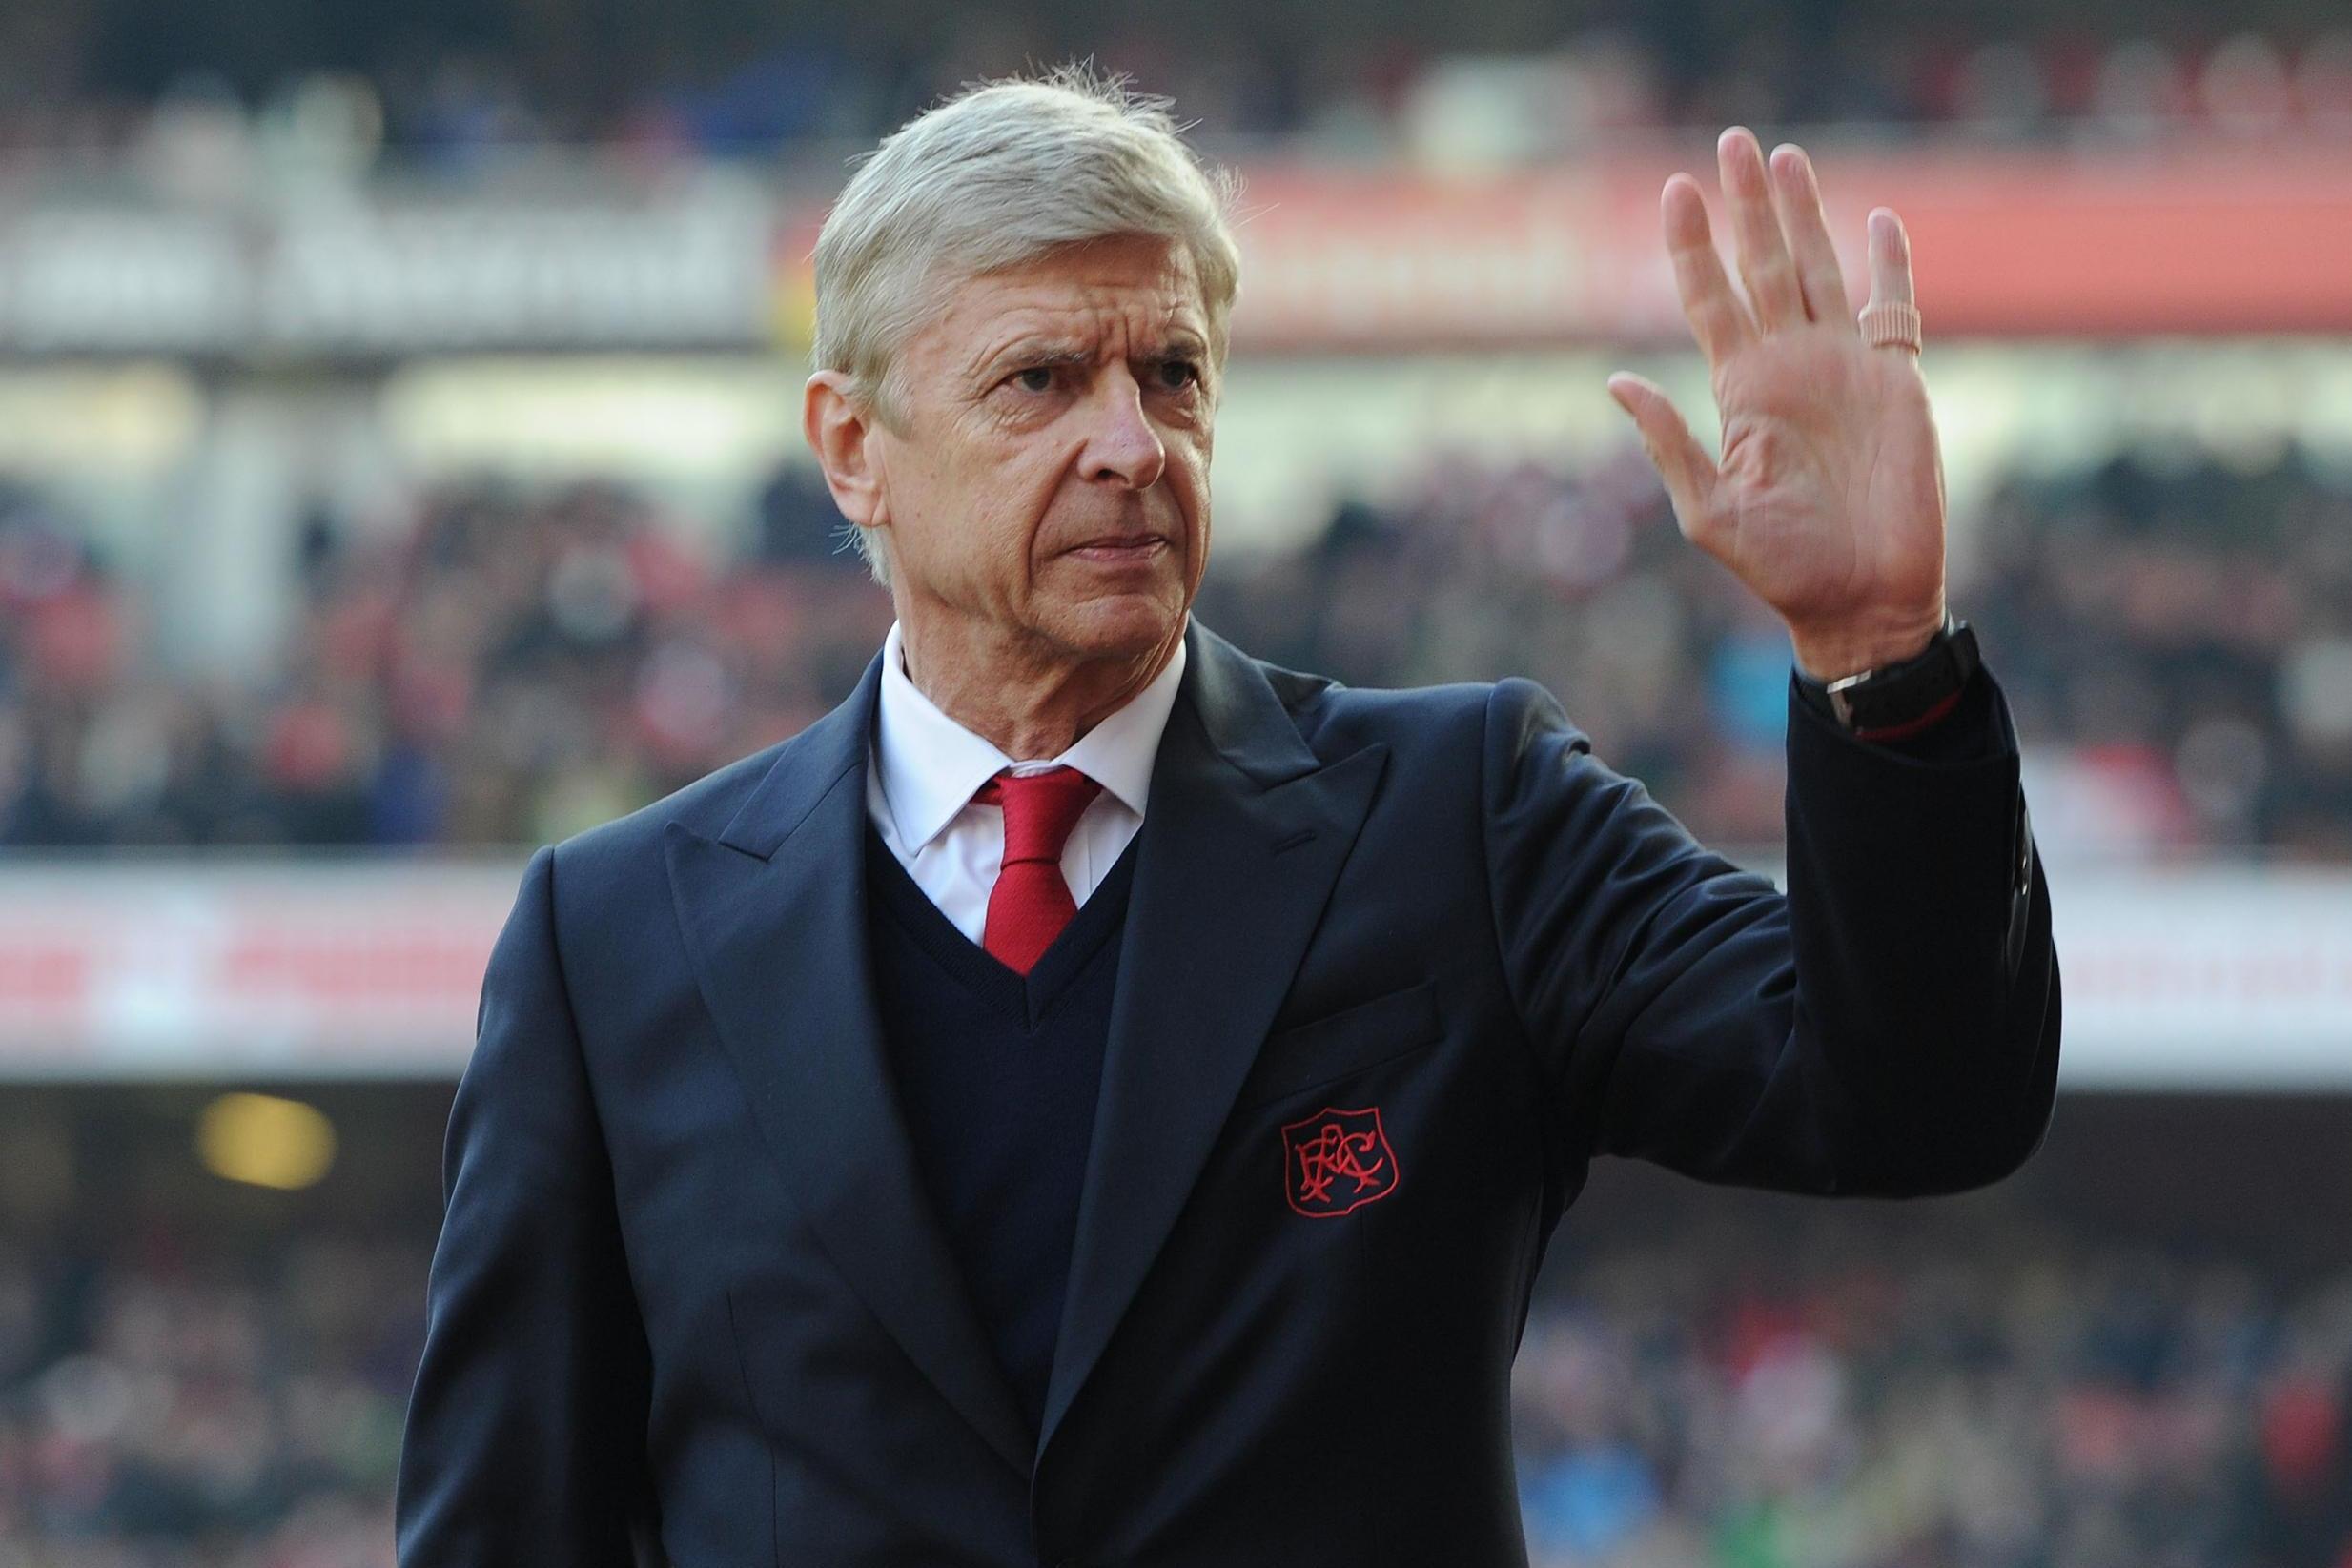 Outgoing Arsenal Boss Arsene Wenger